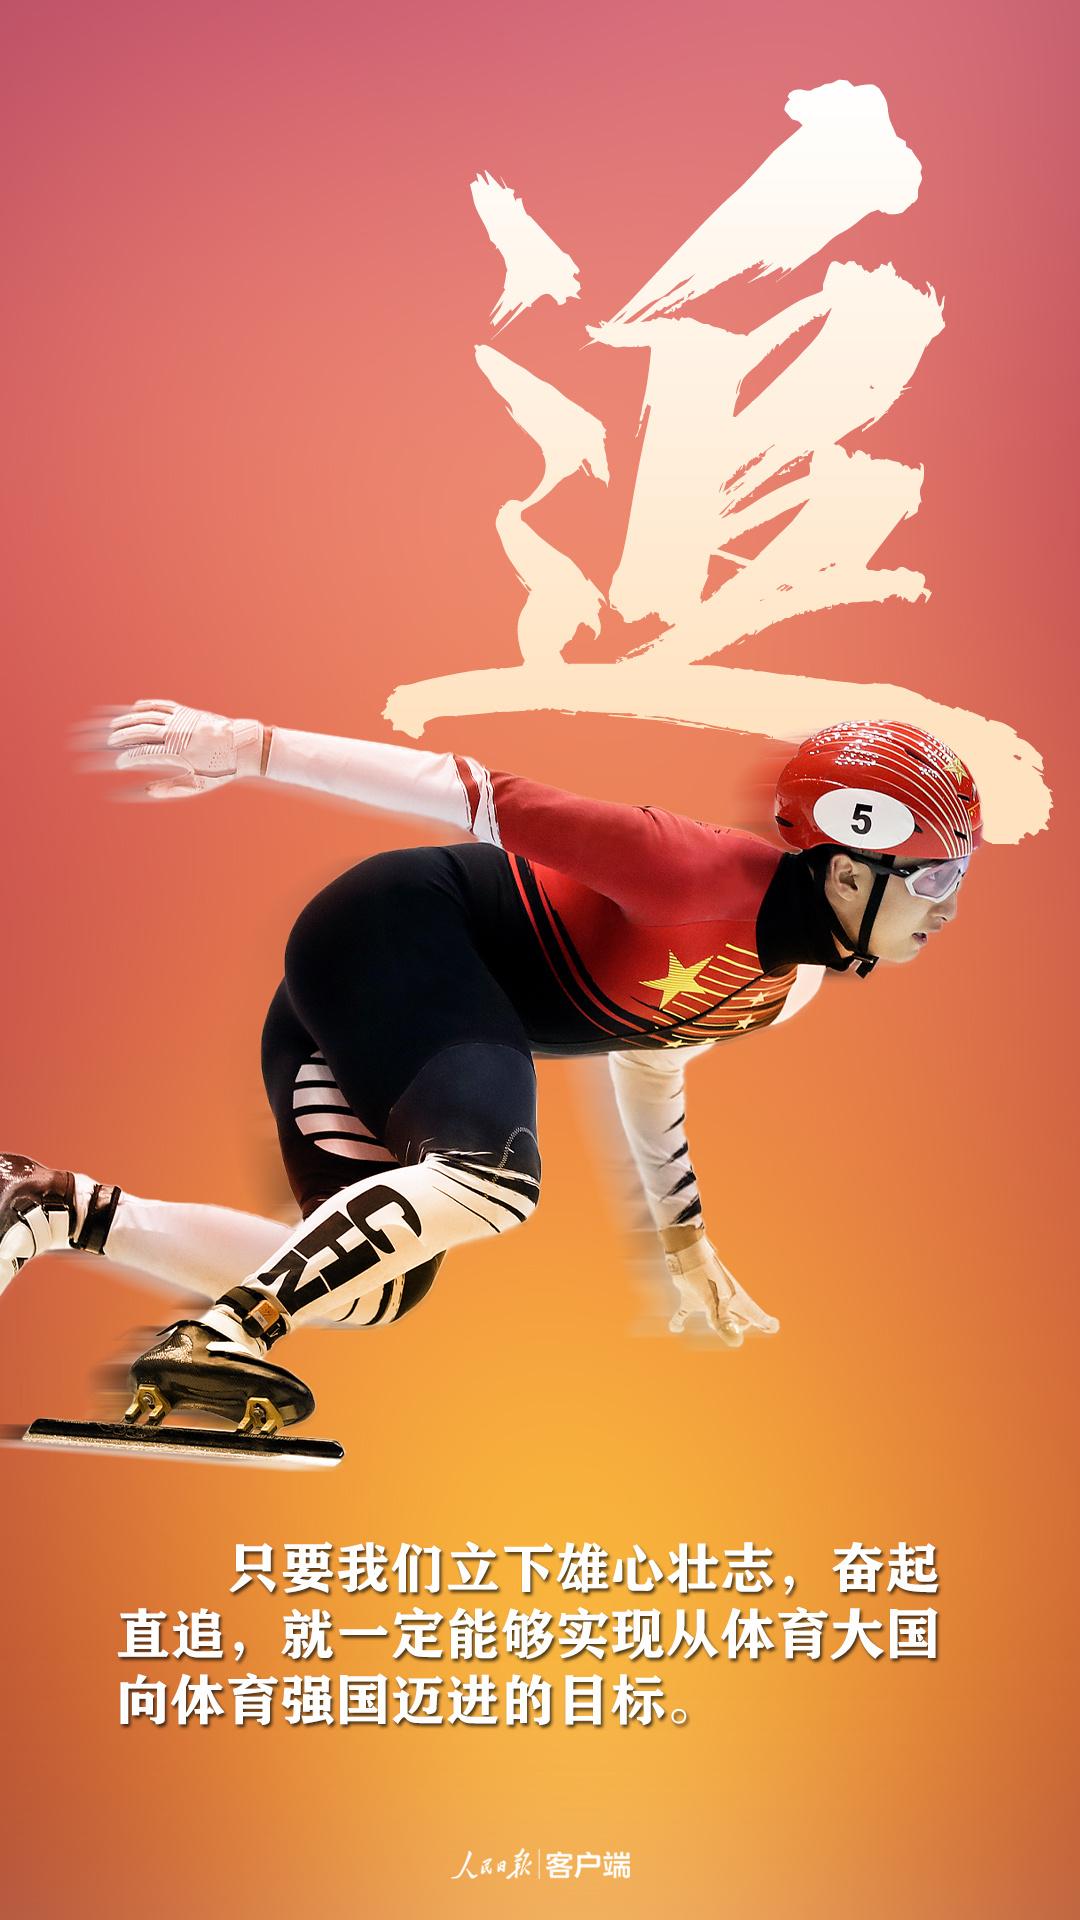 习近平心中的奥林匹克精神2.jpeg